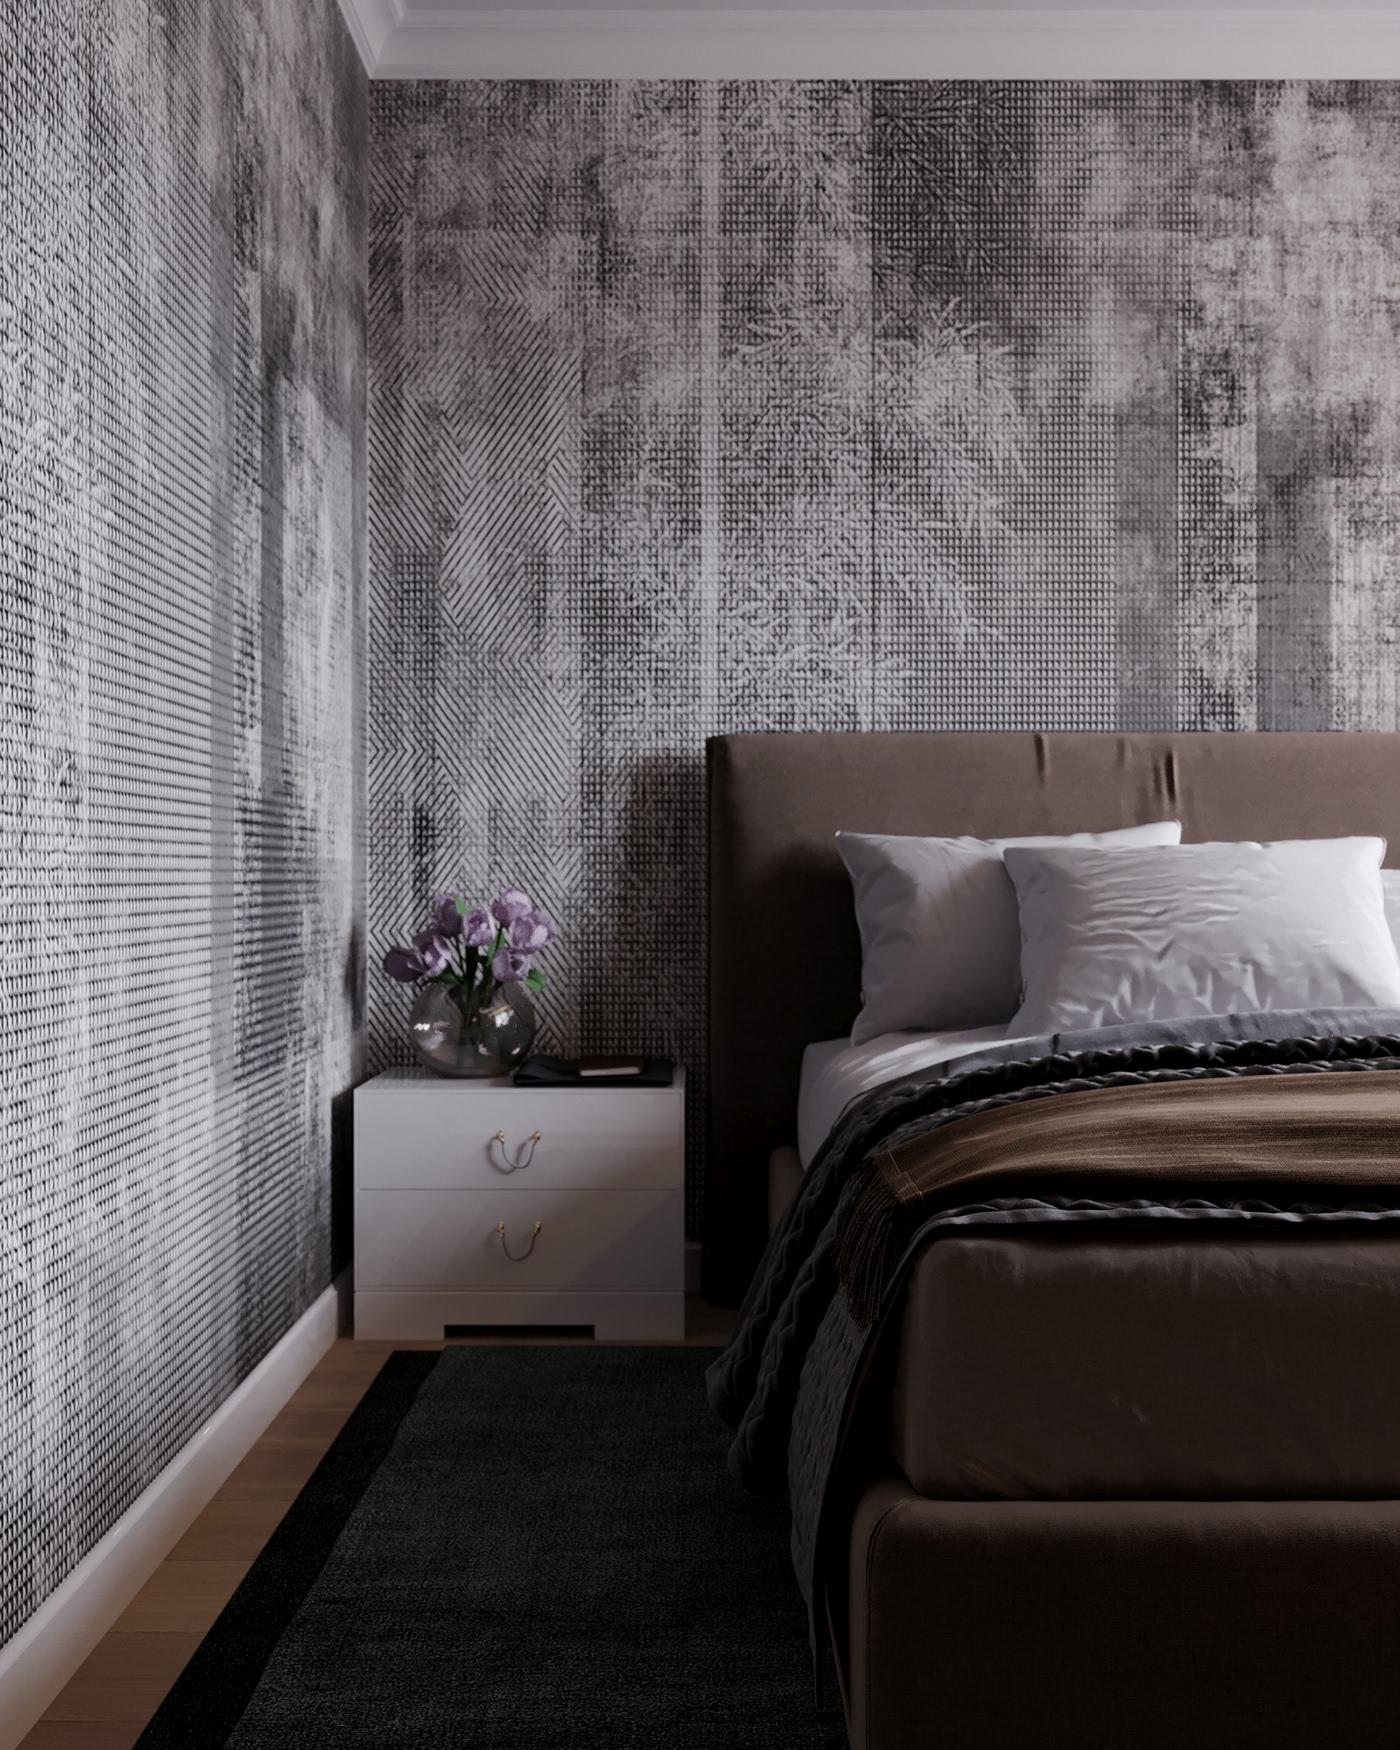 livingroom home design decor romania fenixdesign interiordesign